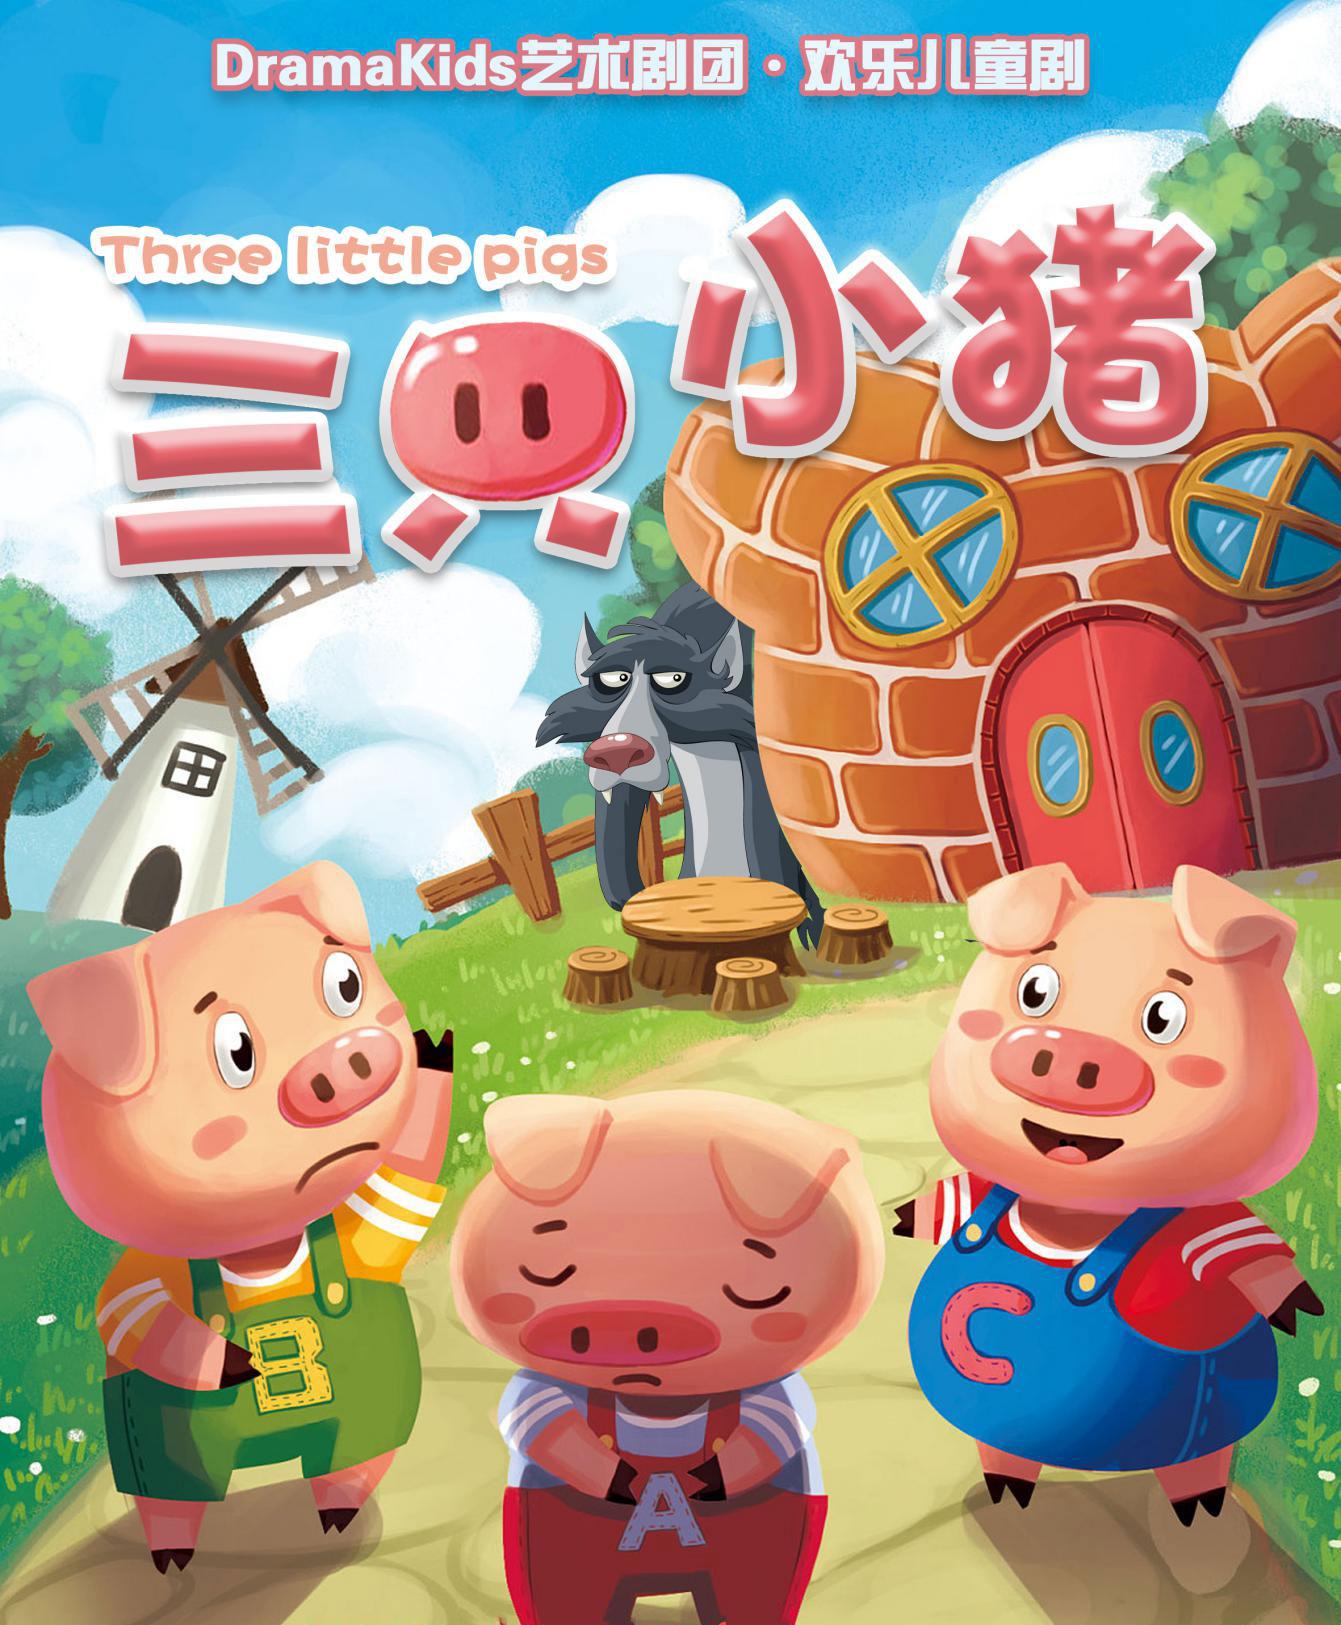 DramaKids艺术剧团・欢乐儿童剧《三只小猪 Three little pigs》上海站